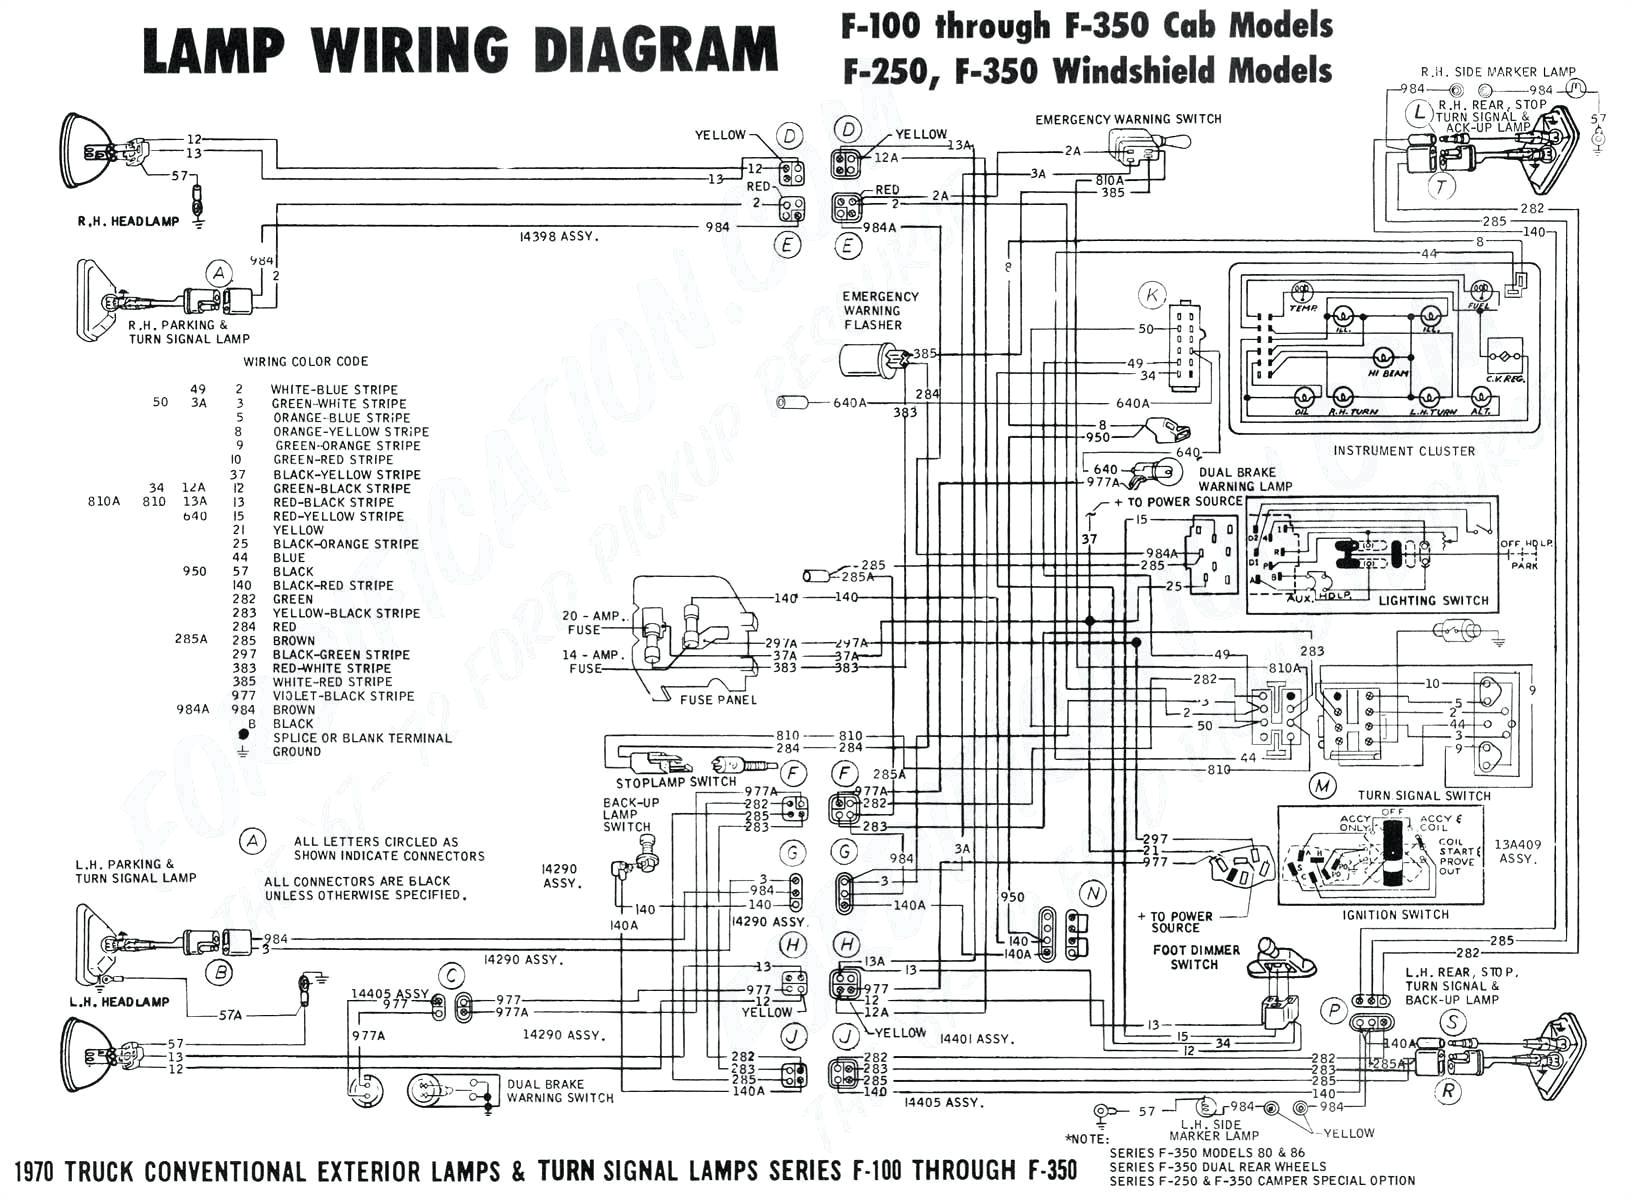 1994 ford taurus wiring schematic